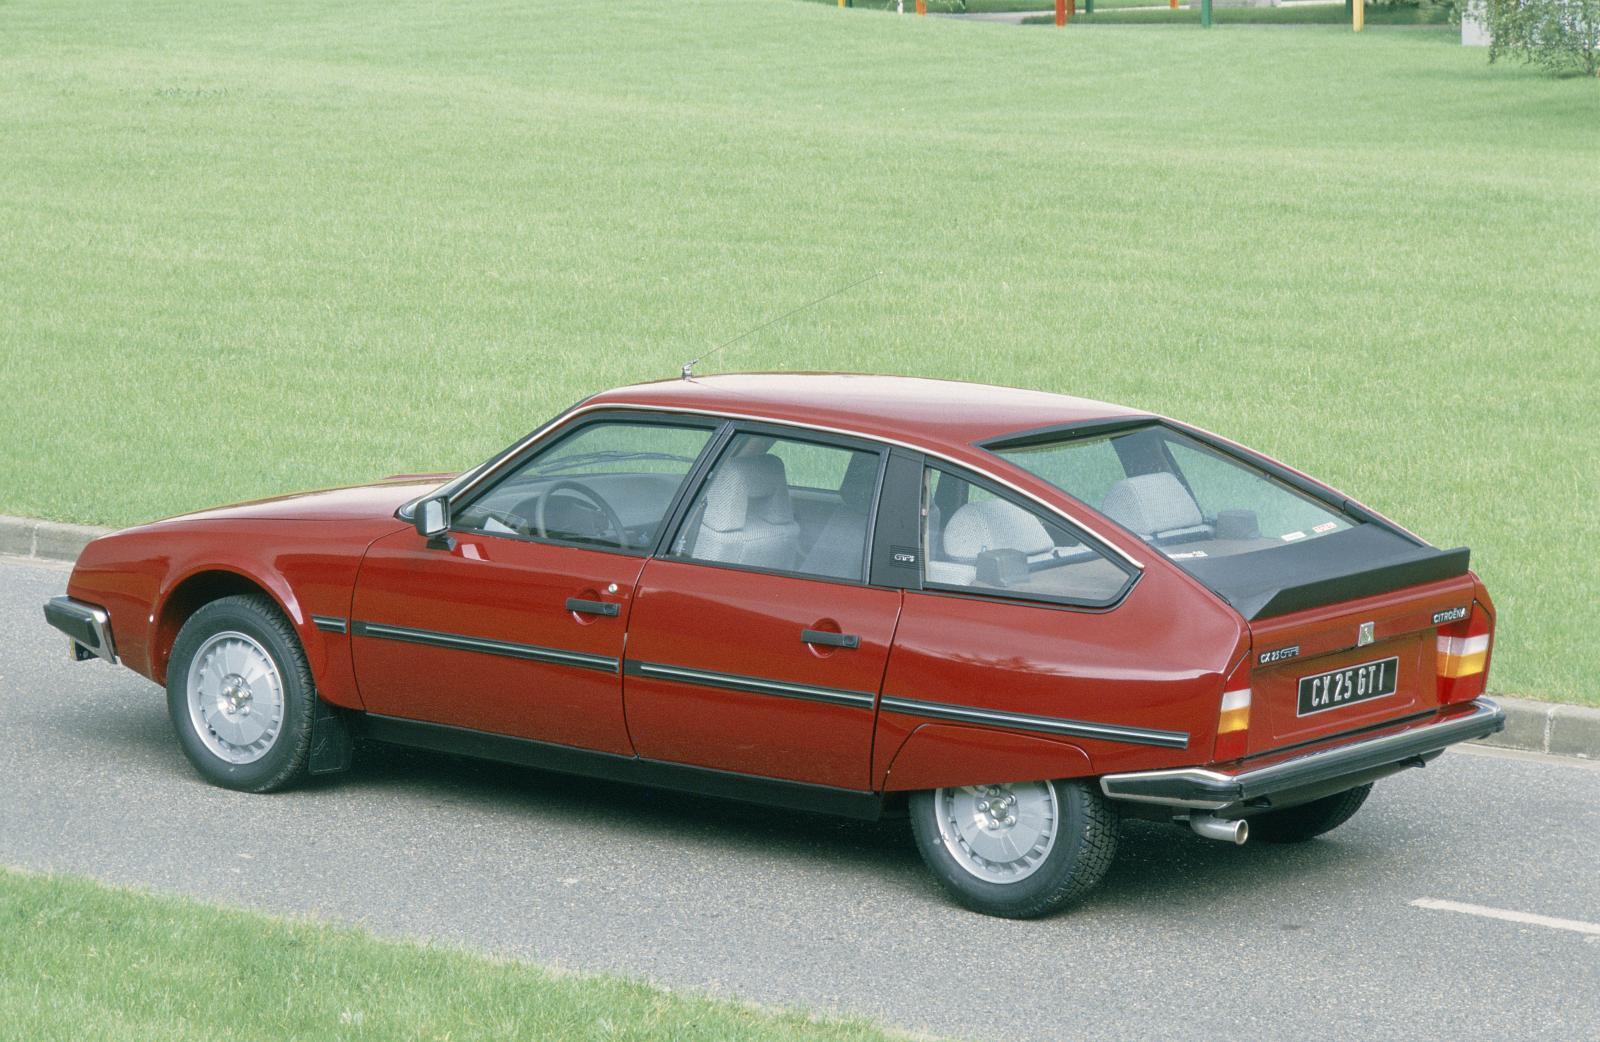 CX 25 GTi 1986